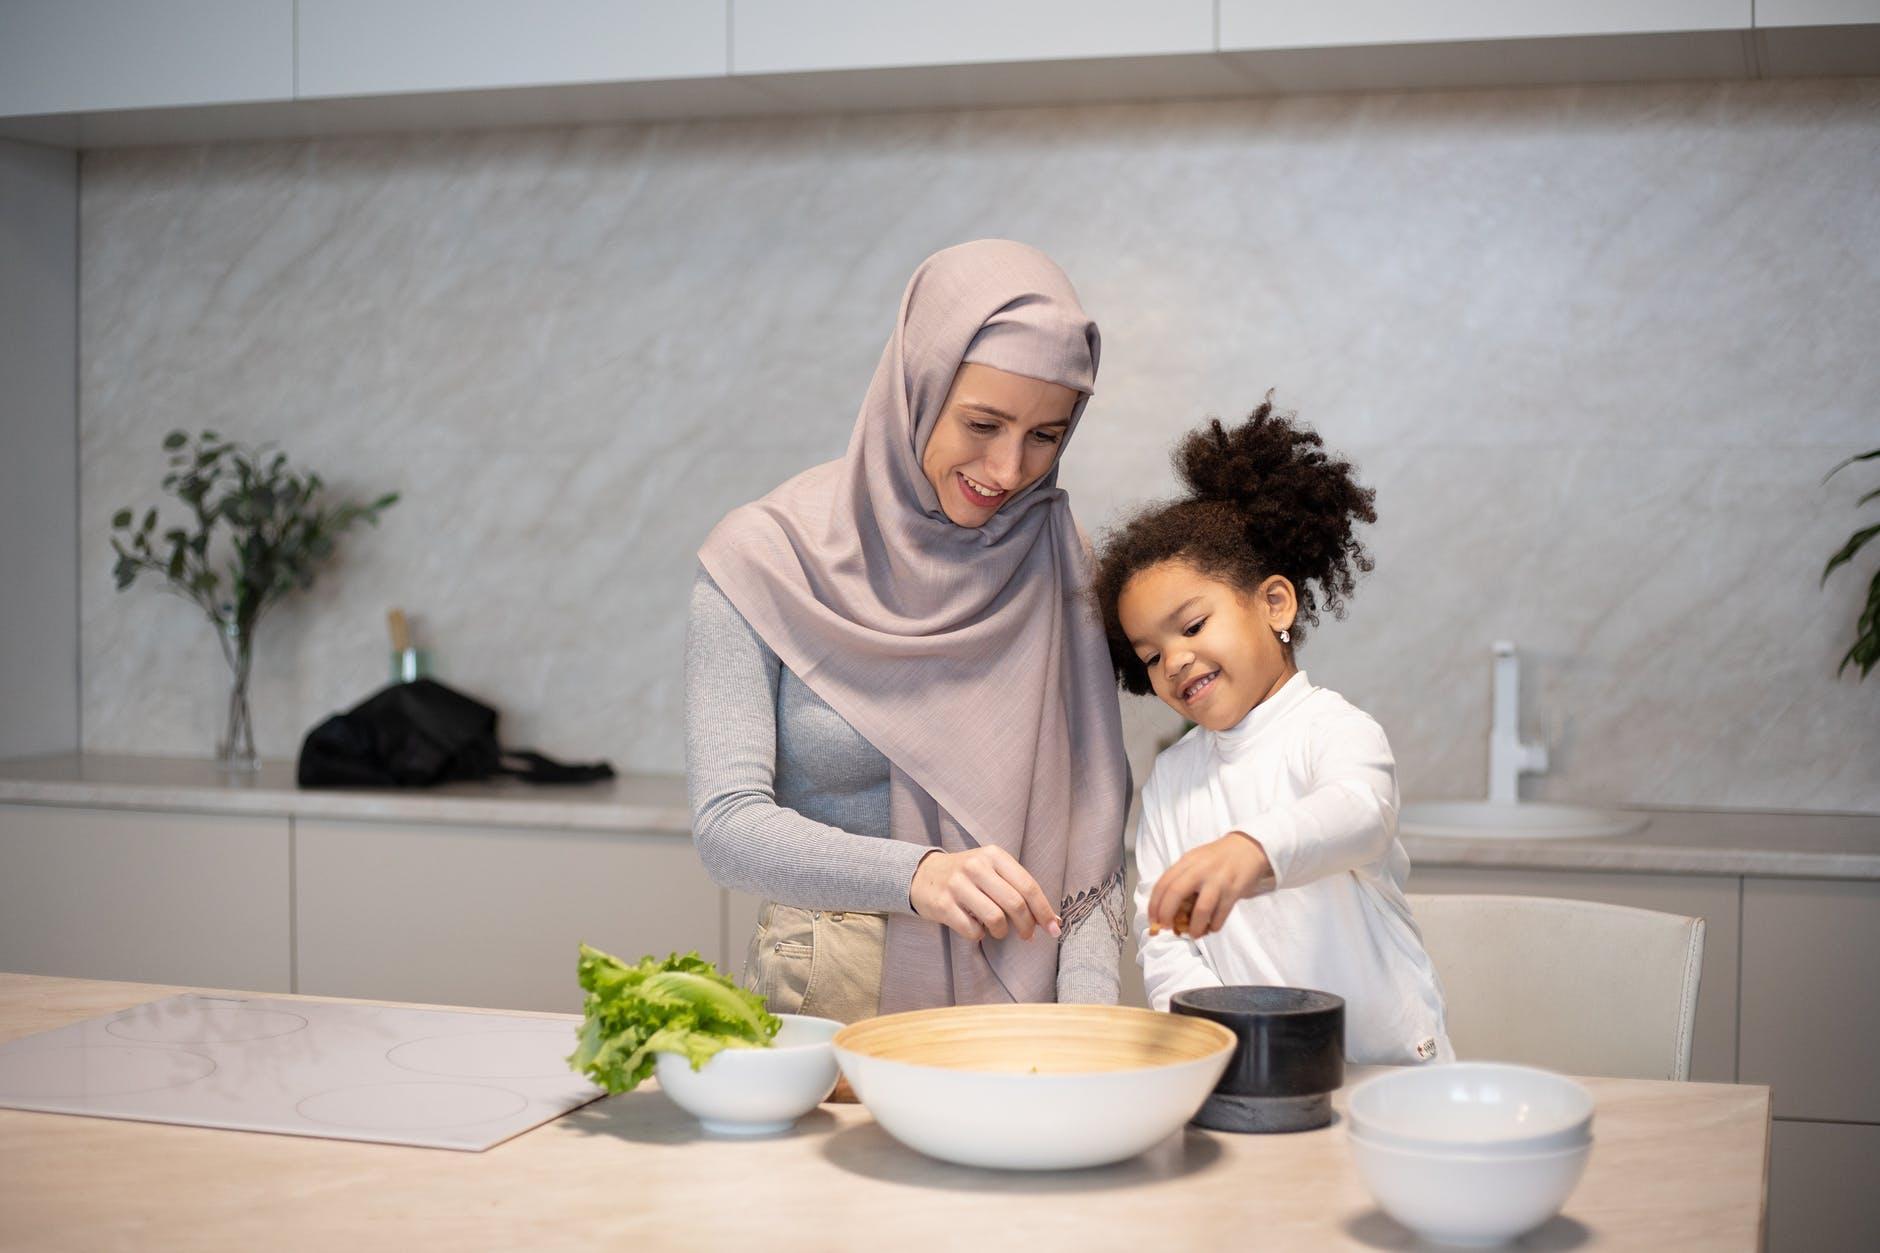 ada banyak cara menghentikan diare yang bisa Anda coba di rumah. Dengan ramuan di dapur, Anda bisa membuat obat diare dengan bahan alami. - katalogue.id